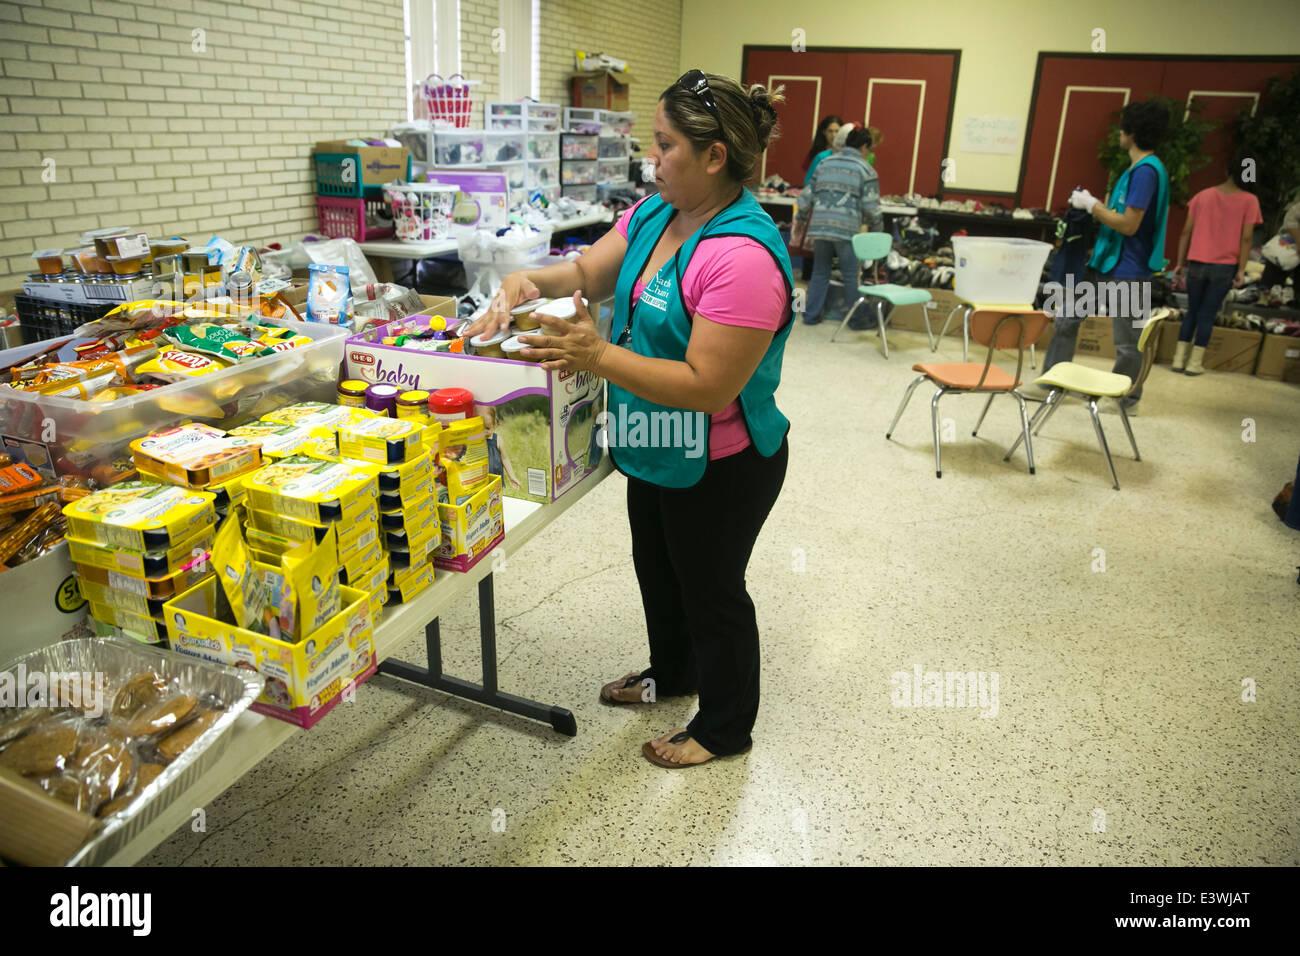 Freiwillige im katholischen Nächstenliebe Tierheim in McAllen, Texas. Welle von Einwanderern aus Mittelamerika Stockbild